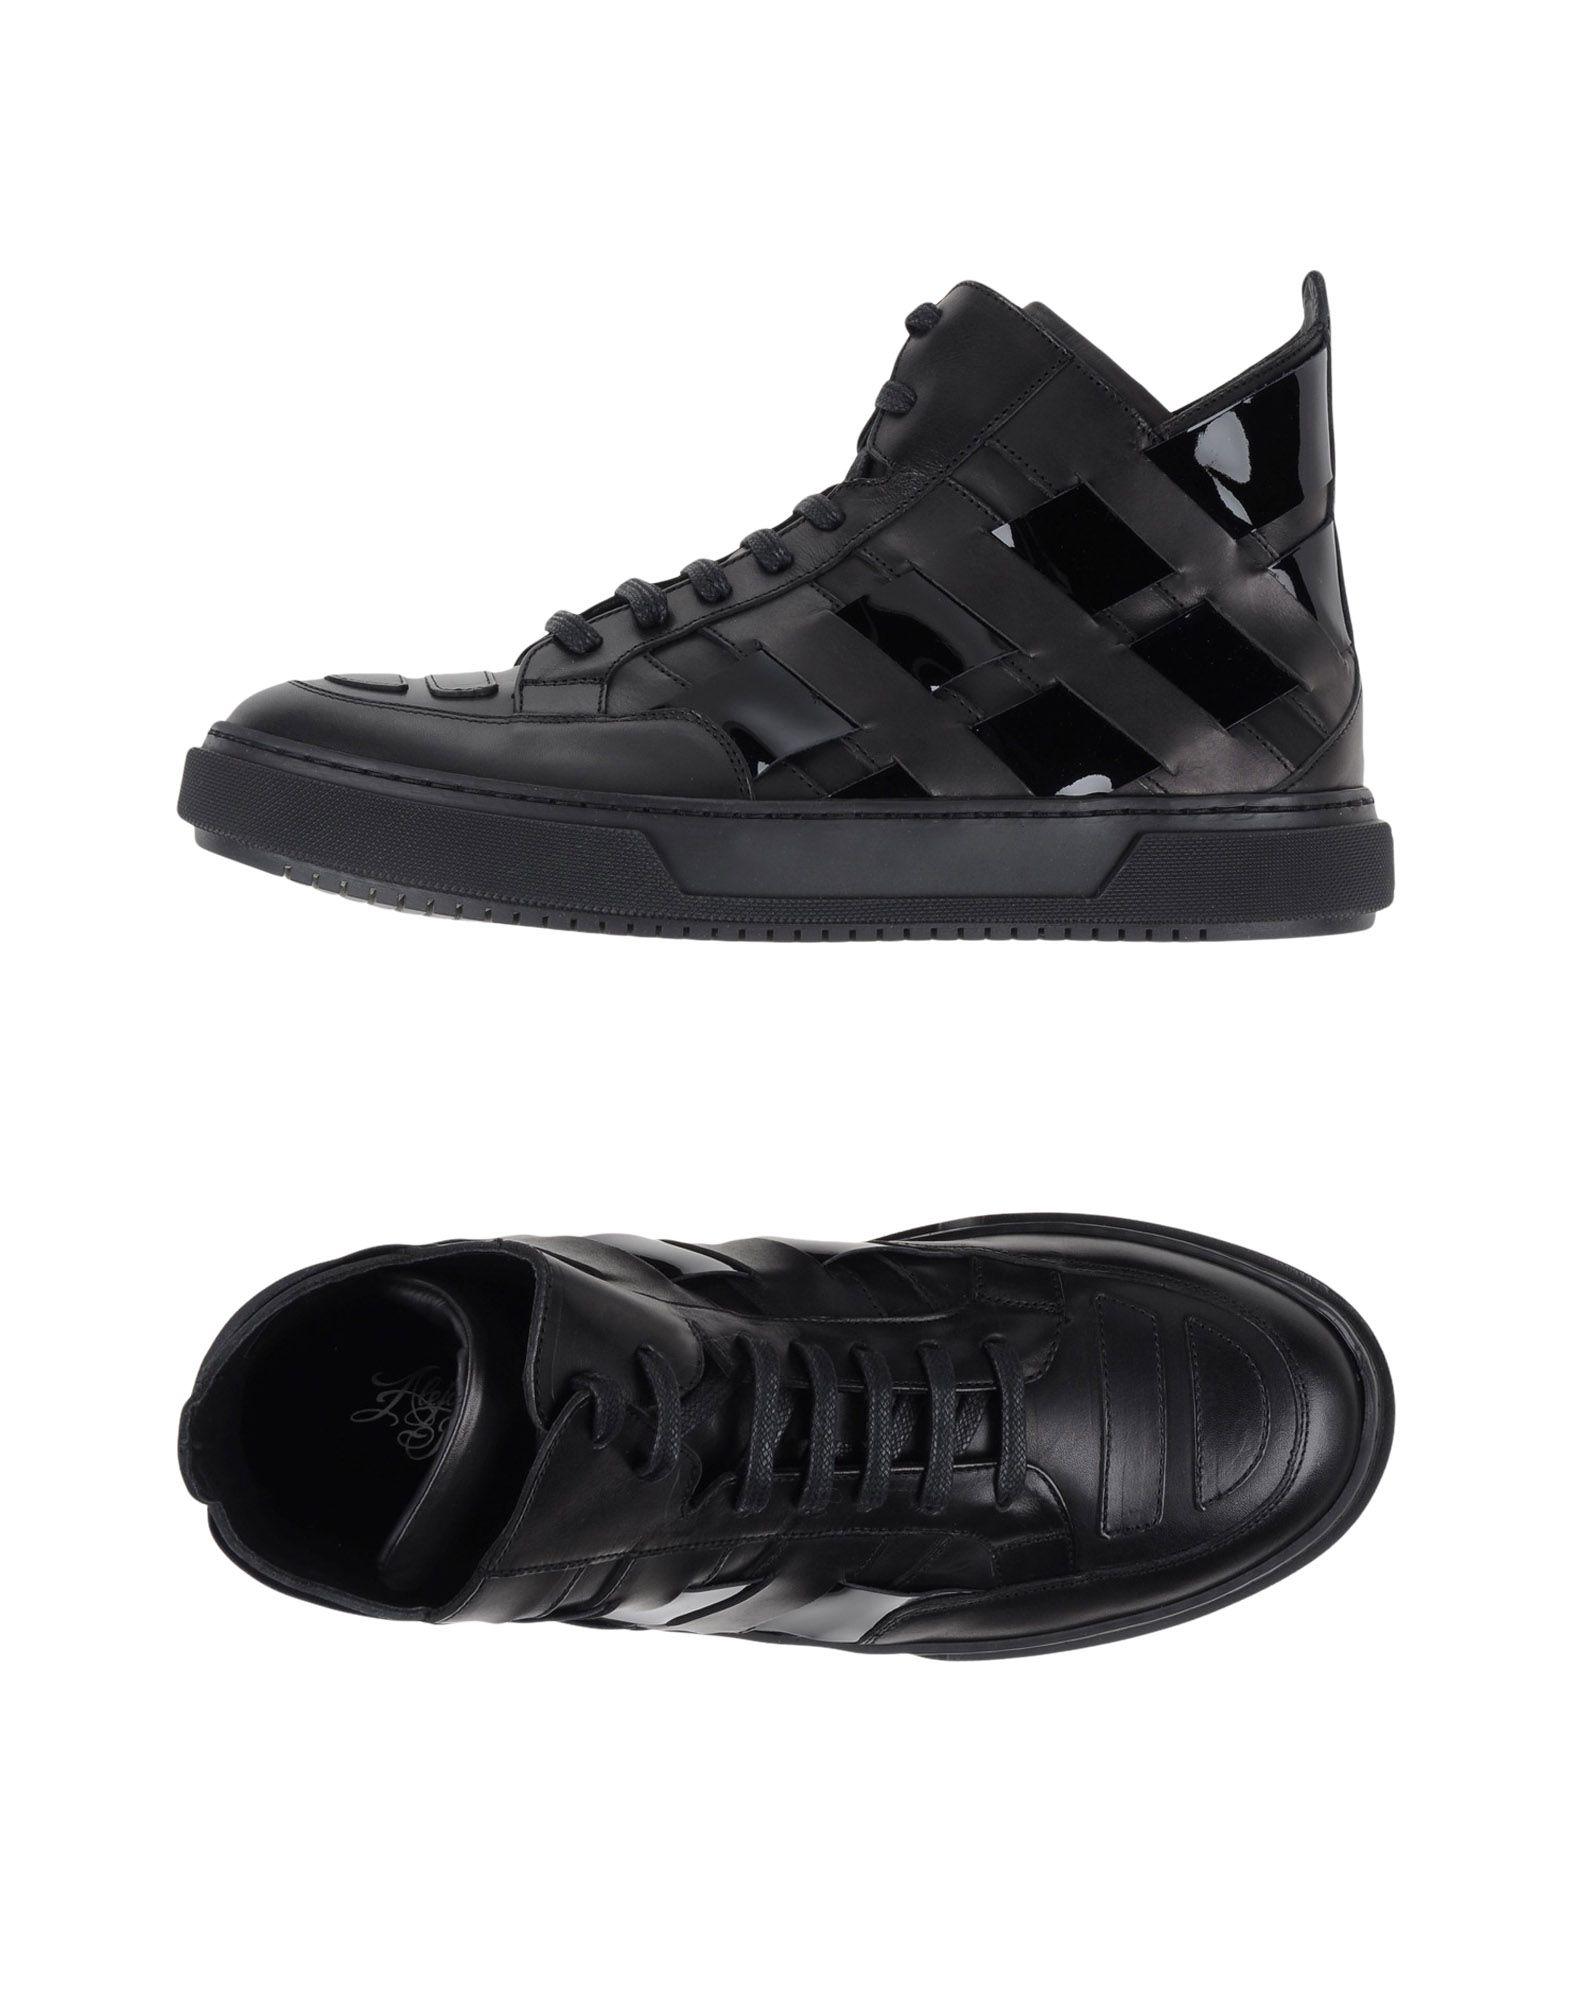 Alejandro Ingelmo Sneakers Herren    11008935IG Gute Qualität beliebte Schuhe 677647